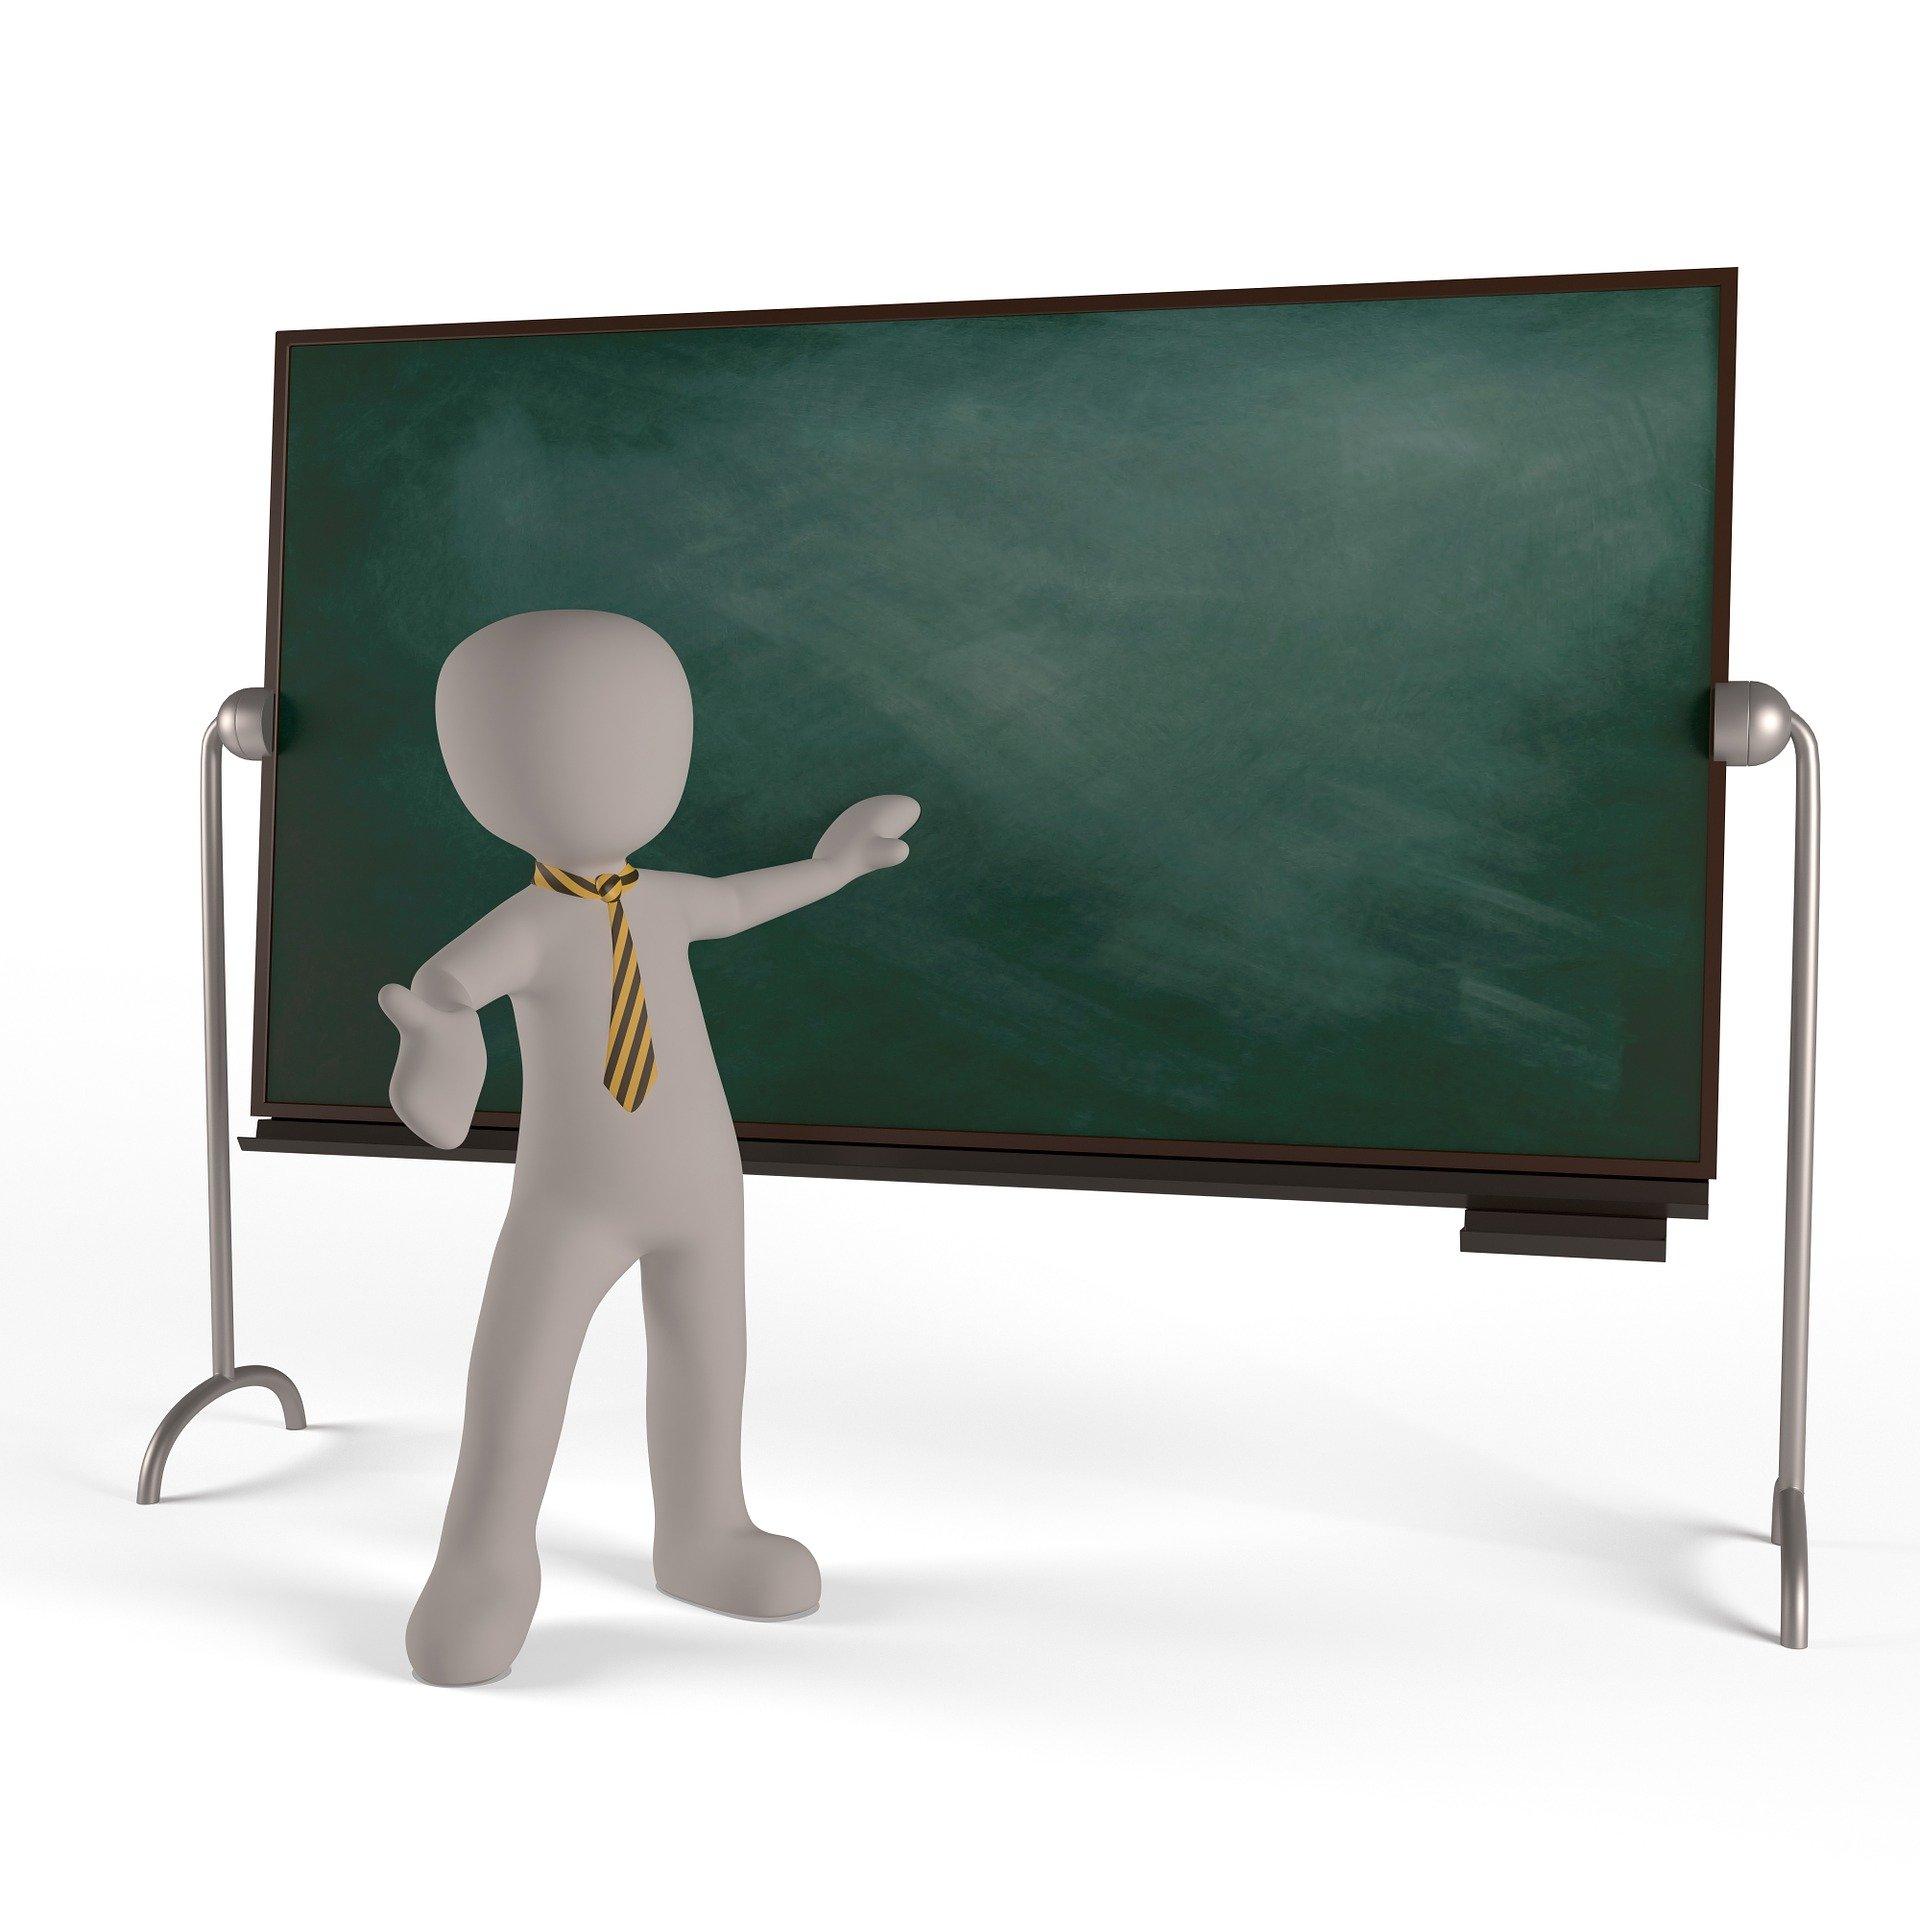 Educazione al primo soccorso in un Istituto Scolastico Grossetano: riflessioni sull'infermiere scolastico